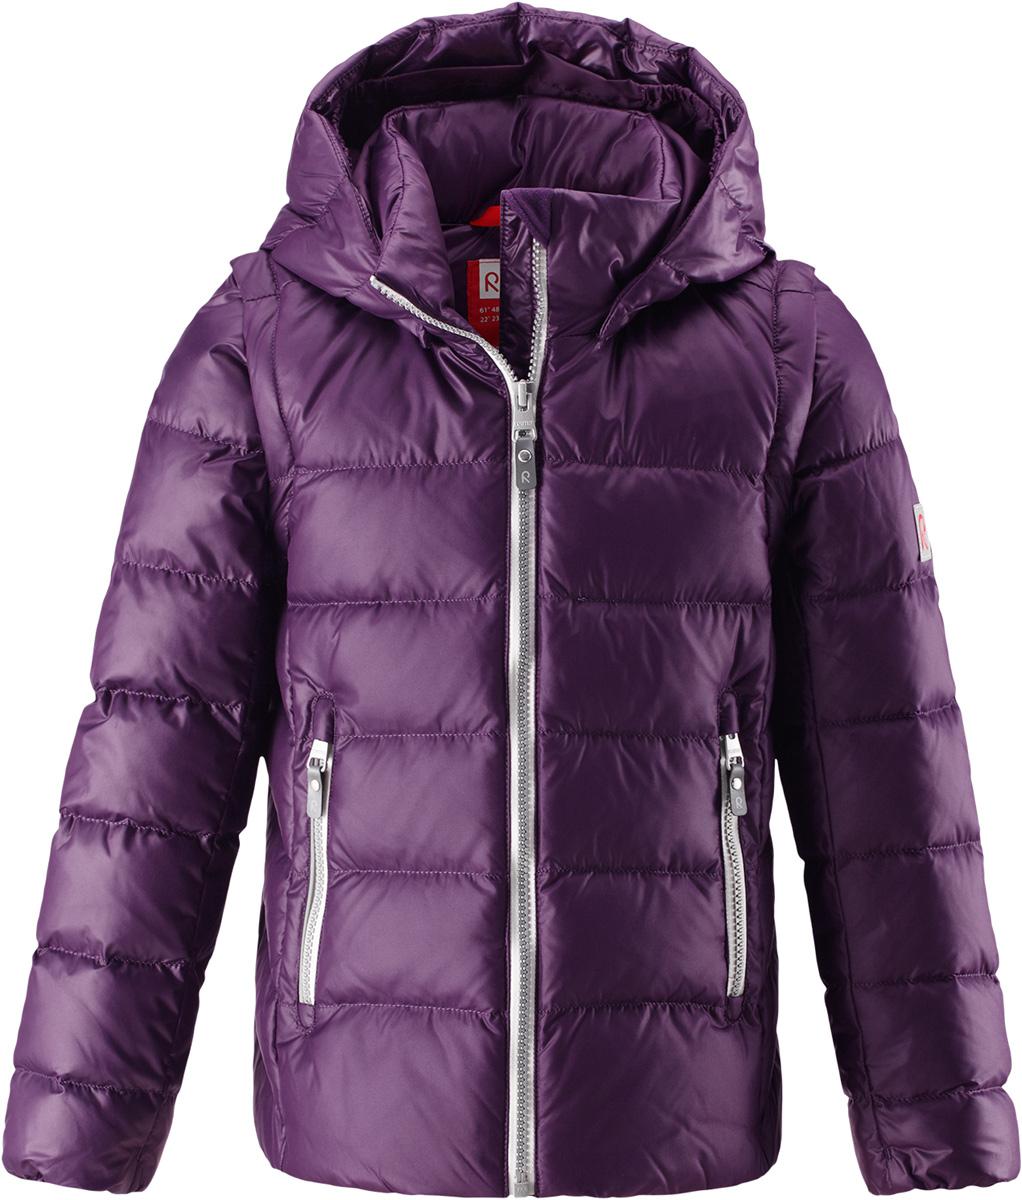 Пуховик для девочки Reima Minna, цвет: лиловый. 5312905930. Размер 1465312905930Очень легкая, но при этом теплая и практичная слегка удлиненная куртка для подростков в одно мгновение превращается в жилетку. Эта практичная куртка снабжена утеплителем из пуха и пера. Куртку с гладкой подкладкой из полиэстера легко надевать и очень удобно носить. В теплую погоду стоит лишь отстегнуть рукава, и куртка превратится в жилетку. Наденьте ее с удобной кофтой, и у вас получится модный и стильный наряд. А когда на улице похолодает, жилетку можно поддевать в качестве промежуточного слоя. Куртка оснащена съемным капюшоном, что обеспечивает дополнительную безопасность во время активных прогулок – капюшон легко отстегивается, если случайно за что-нибудь зацепится. Есть два кармана на молнии для мобильного телефона и других ценных мелочей. Эту модель для девочек довершают практичные детали: длинная молния высокого качества и светоотражающие элементы.Средняя степень утепления.